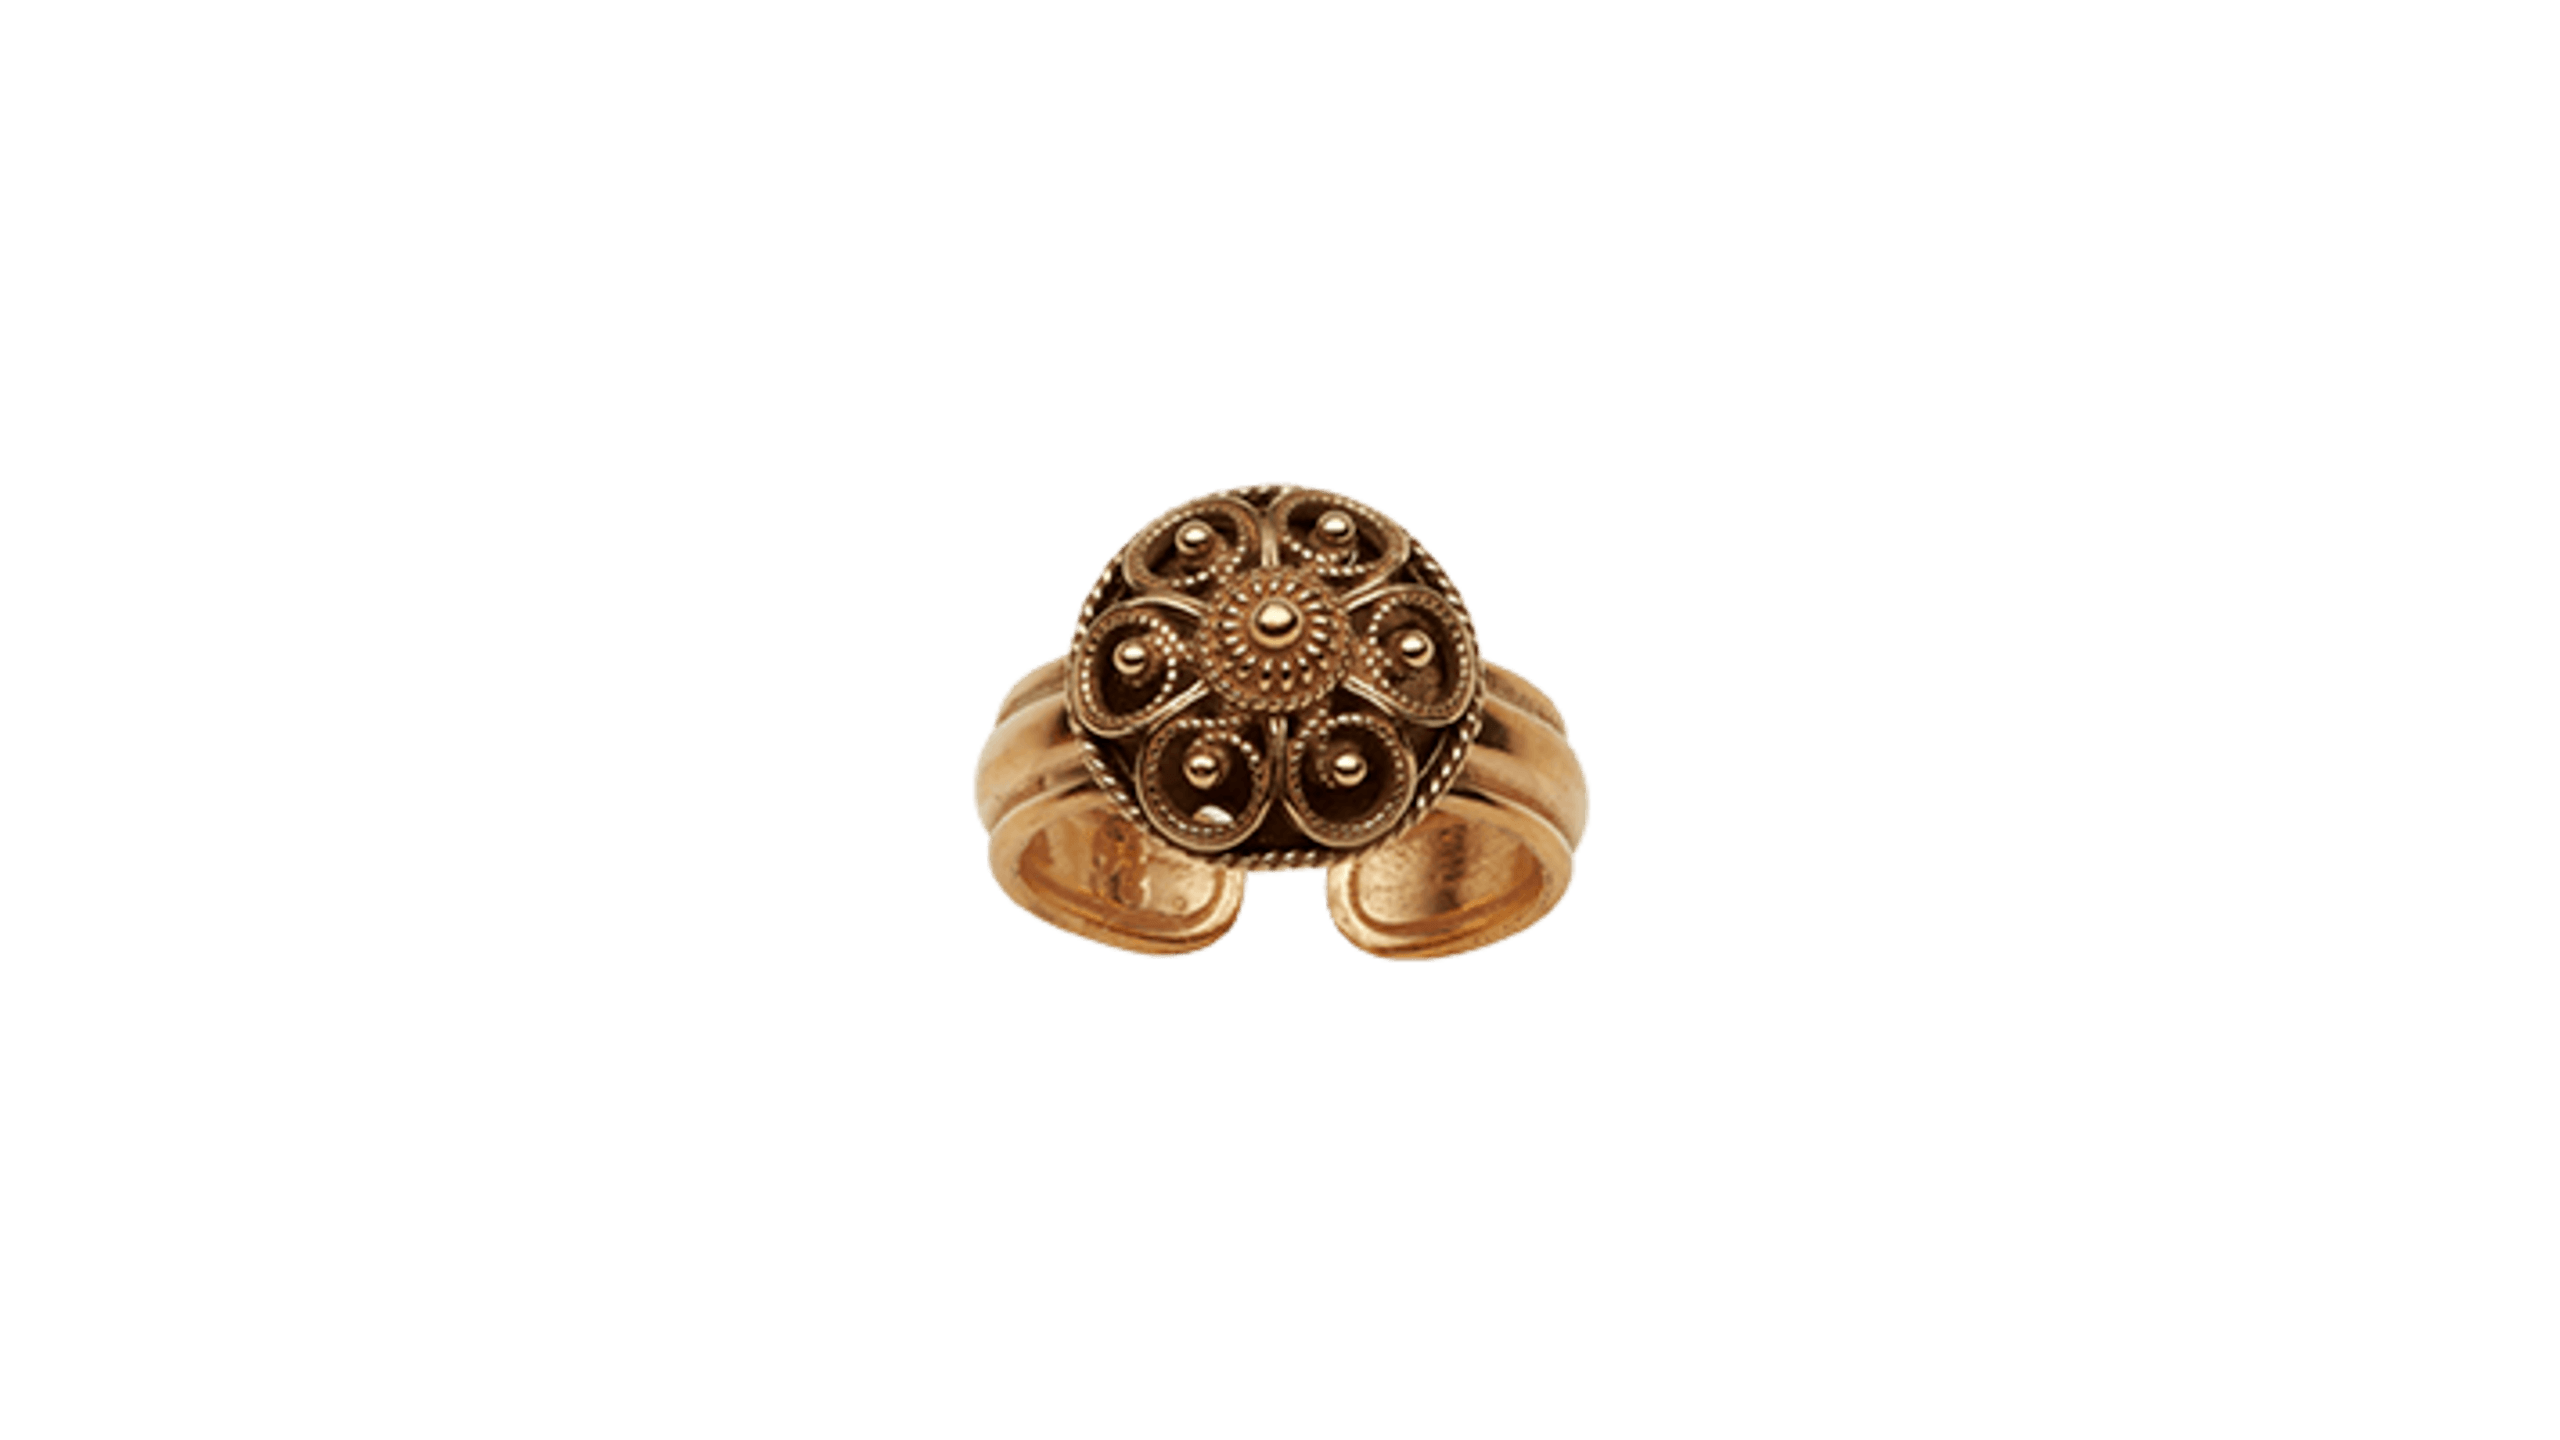 Telemark ring, gammelforgylt